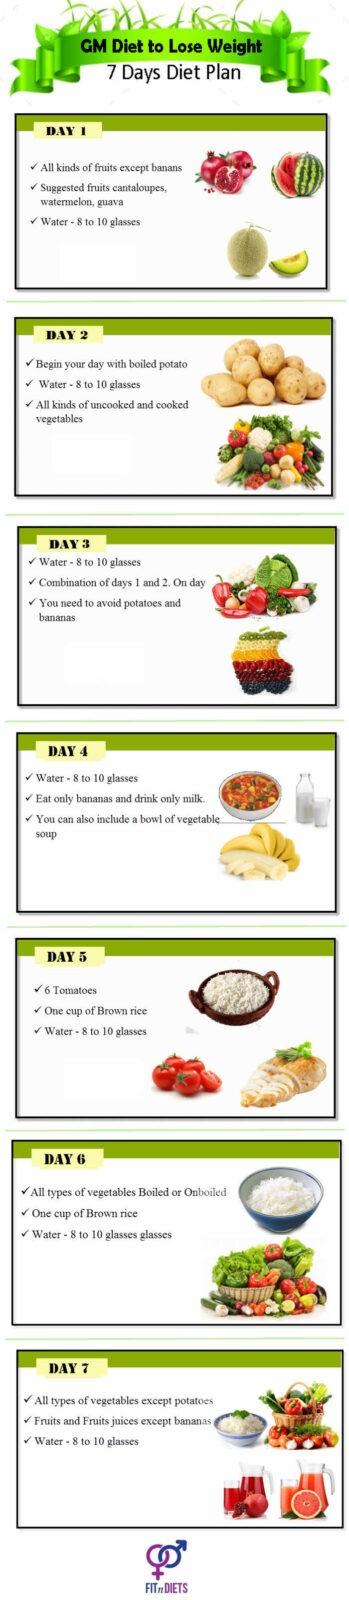 Diet Gm Menu : Chart, Weight